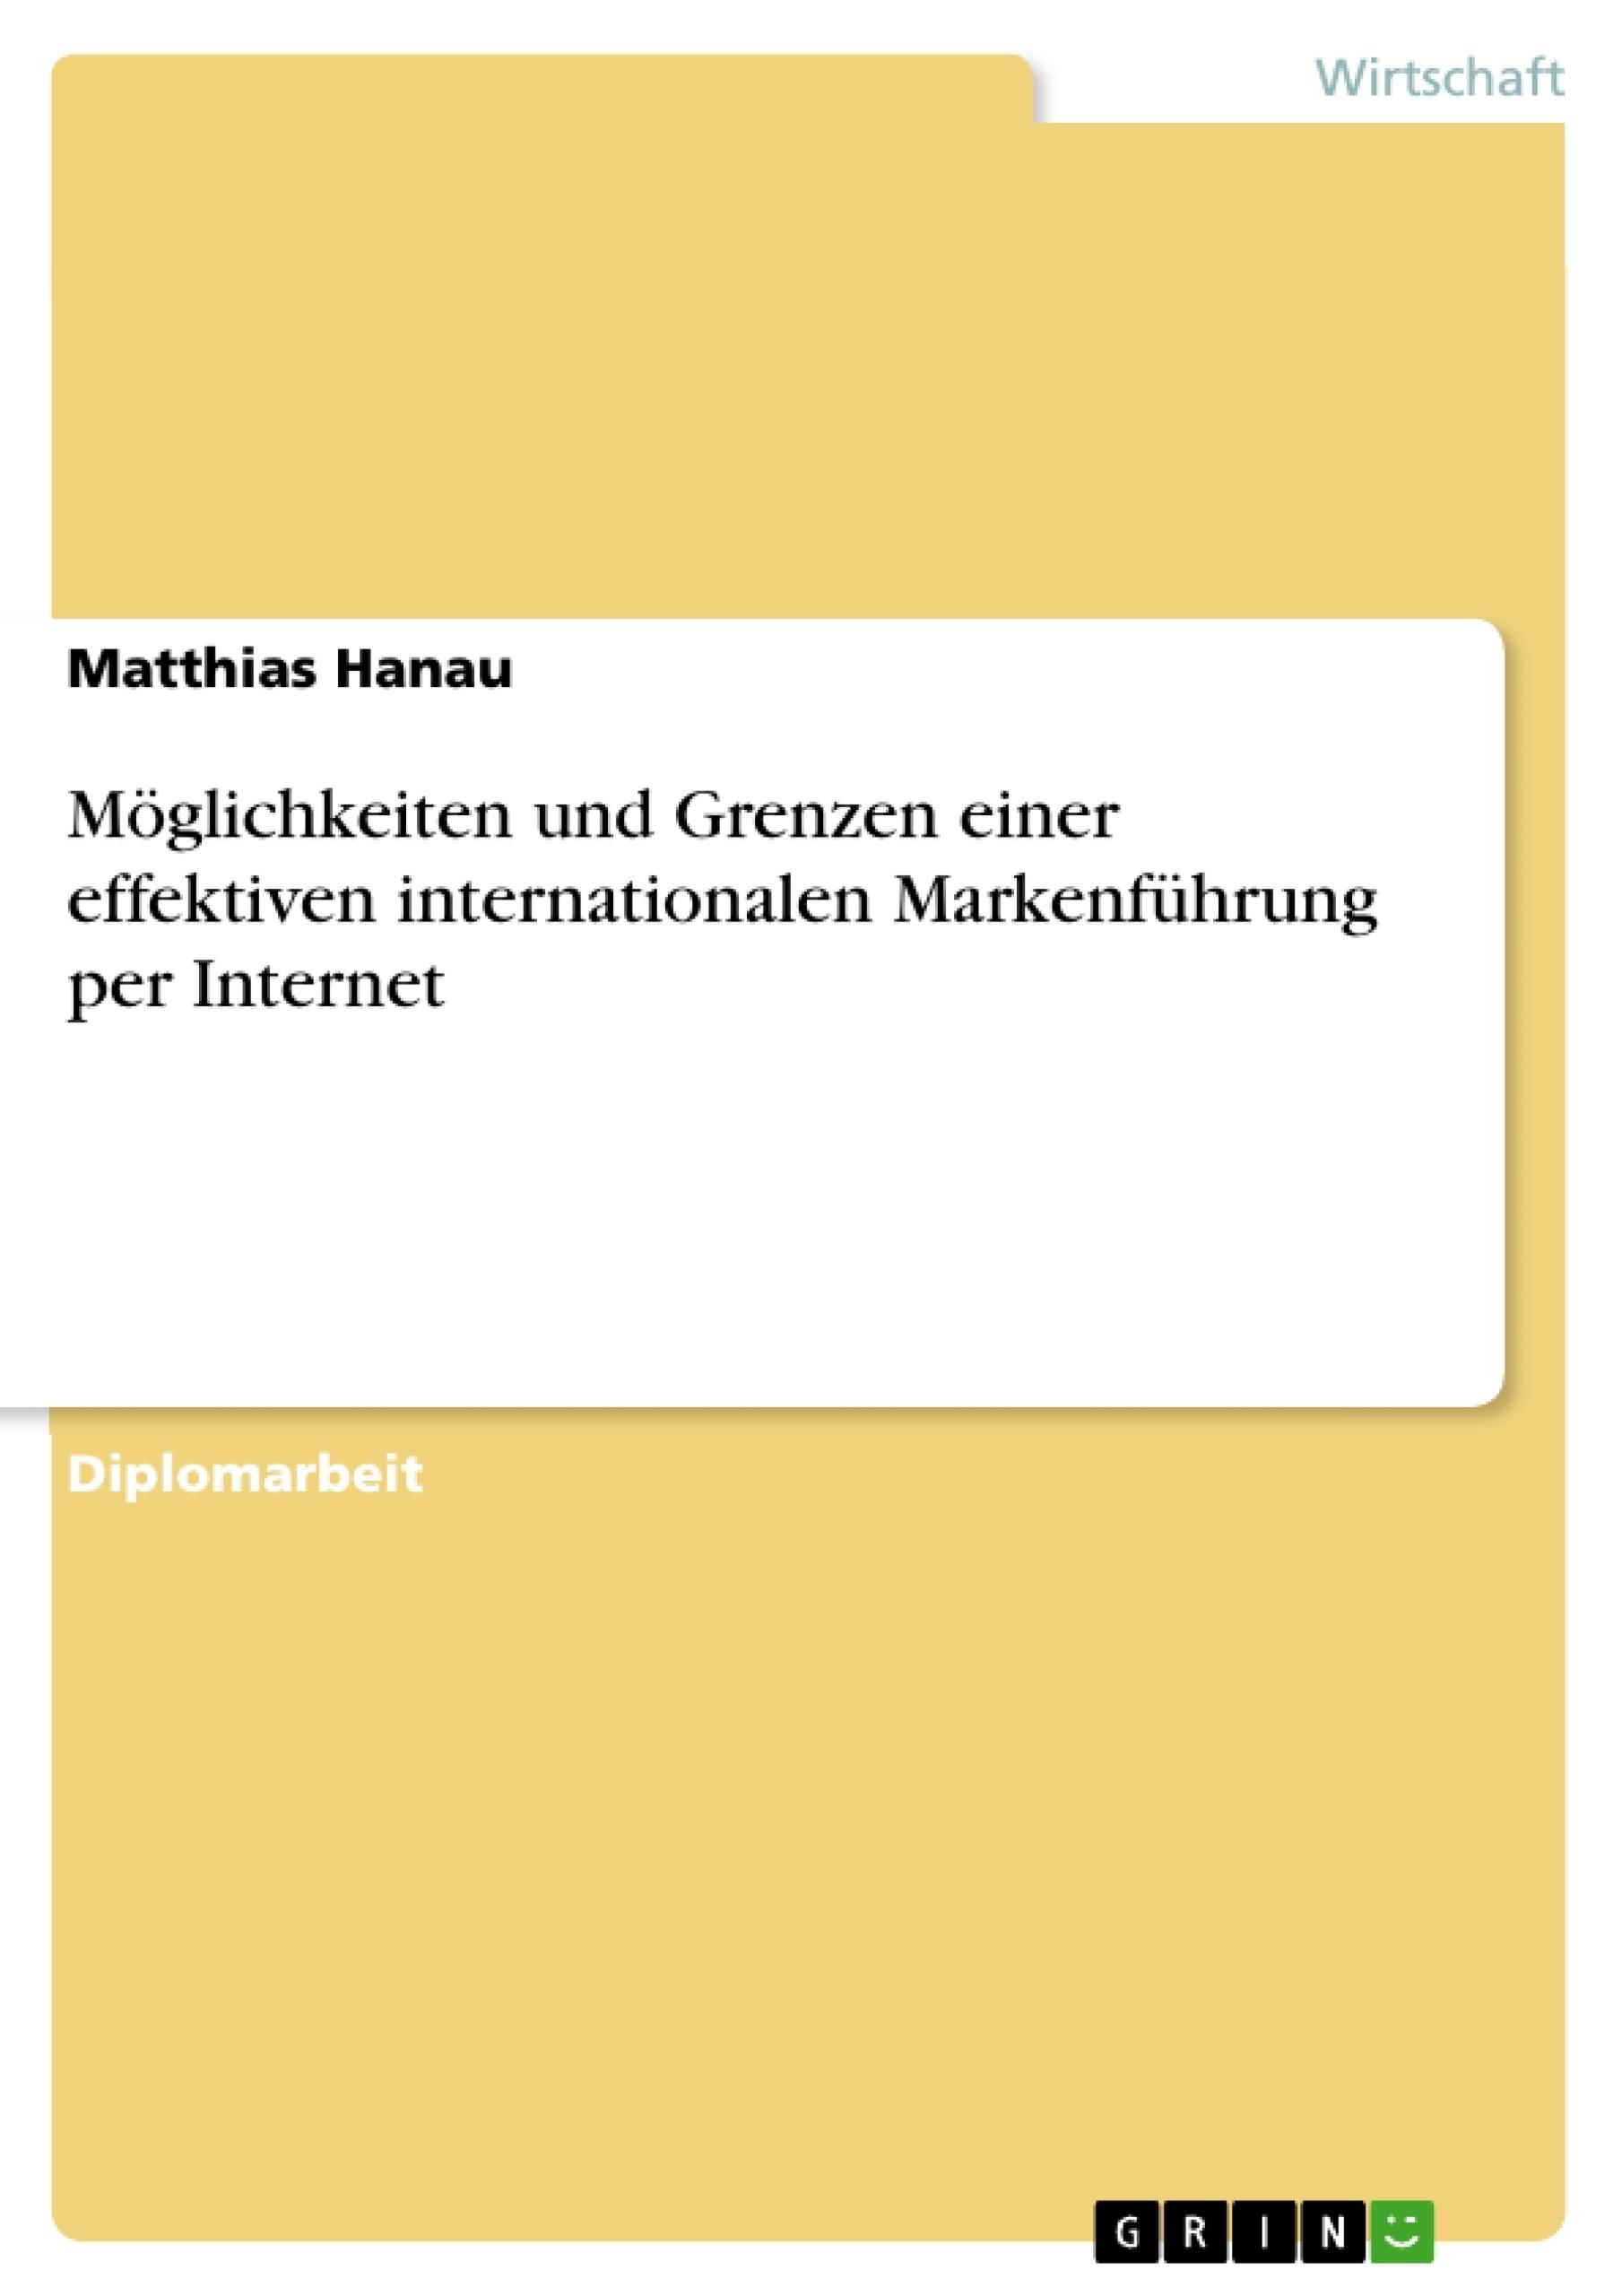 Titel: Möglichkeiten und Grenzen einer effektiven internationalen Markenführung per Internet